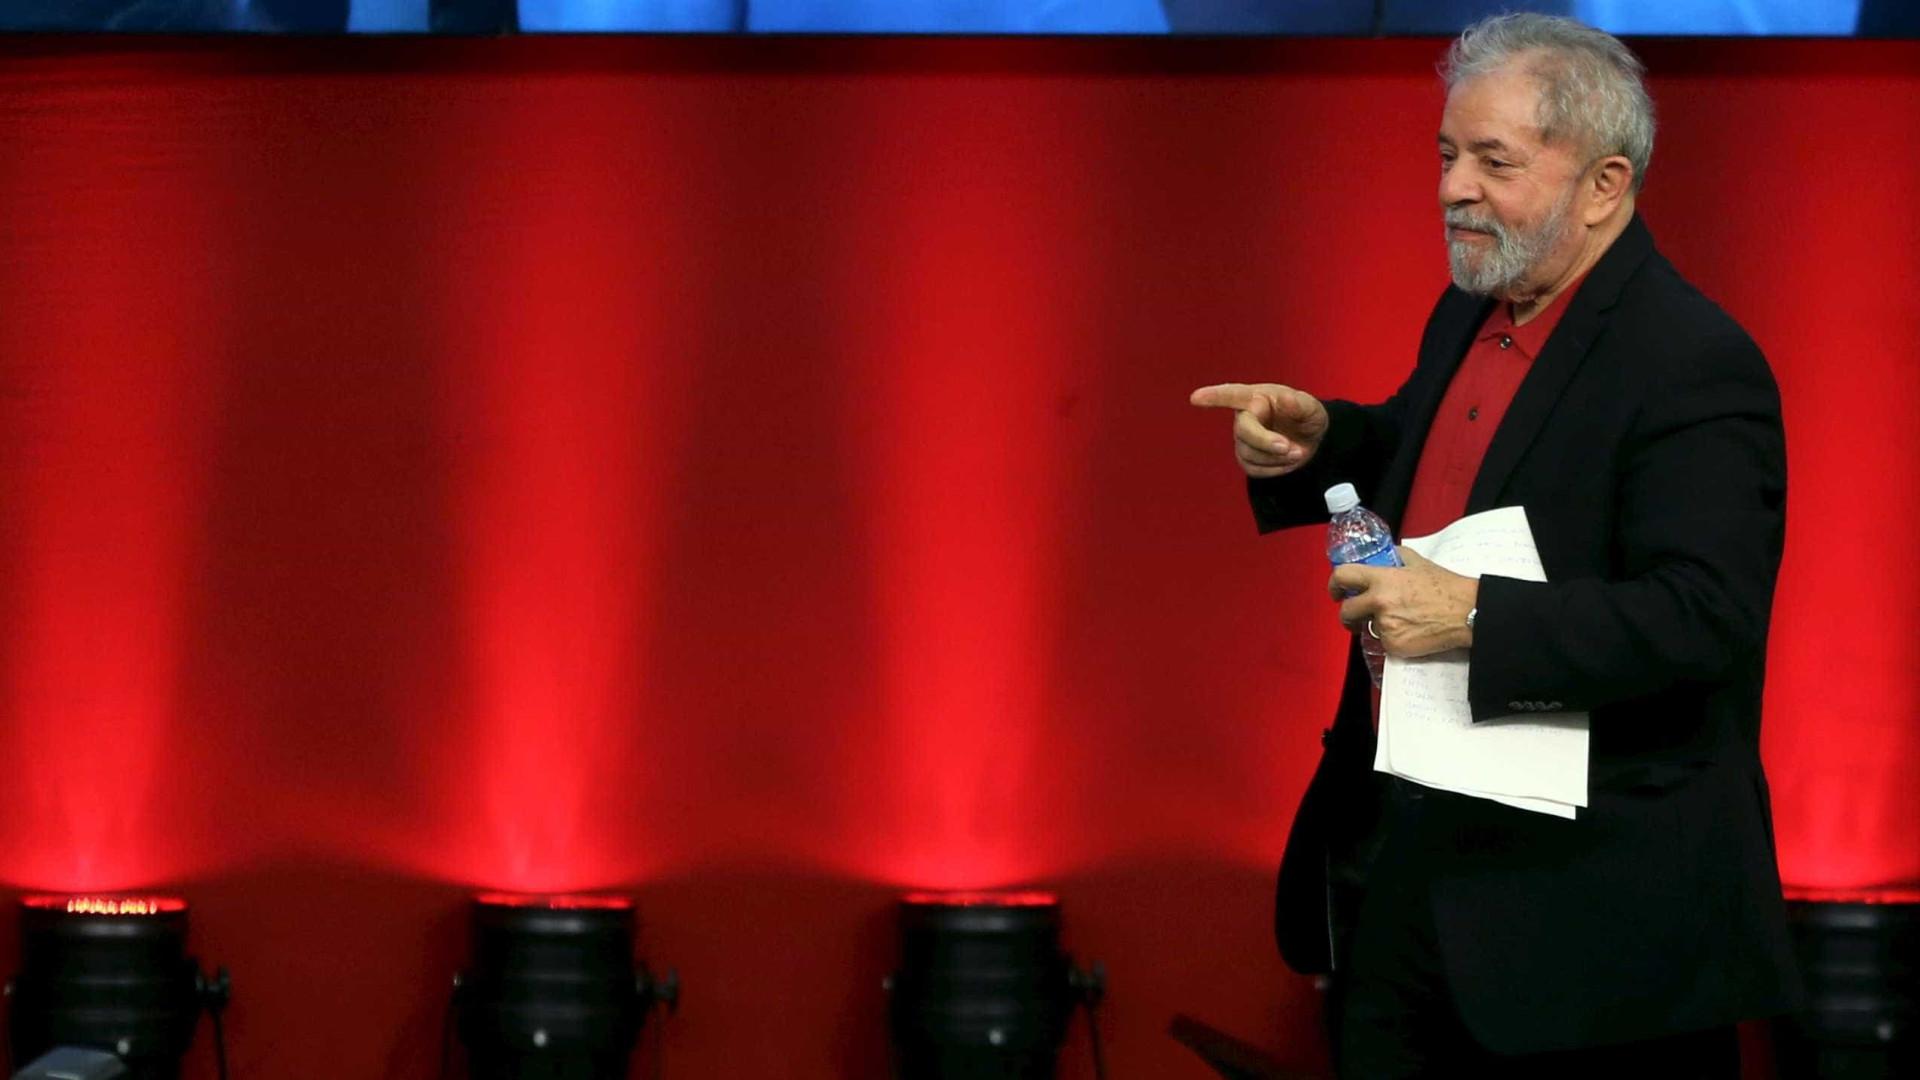 Lula chama reclamação de Moro de 'pirotecnia' e defende Bolsonaro